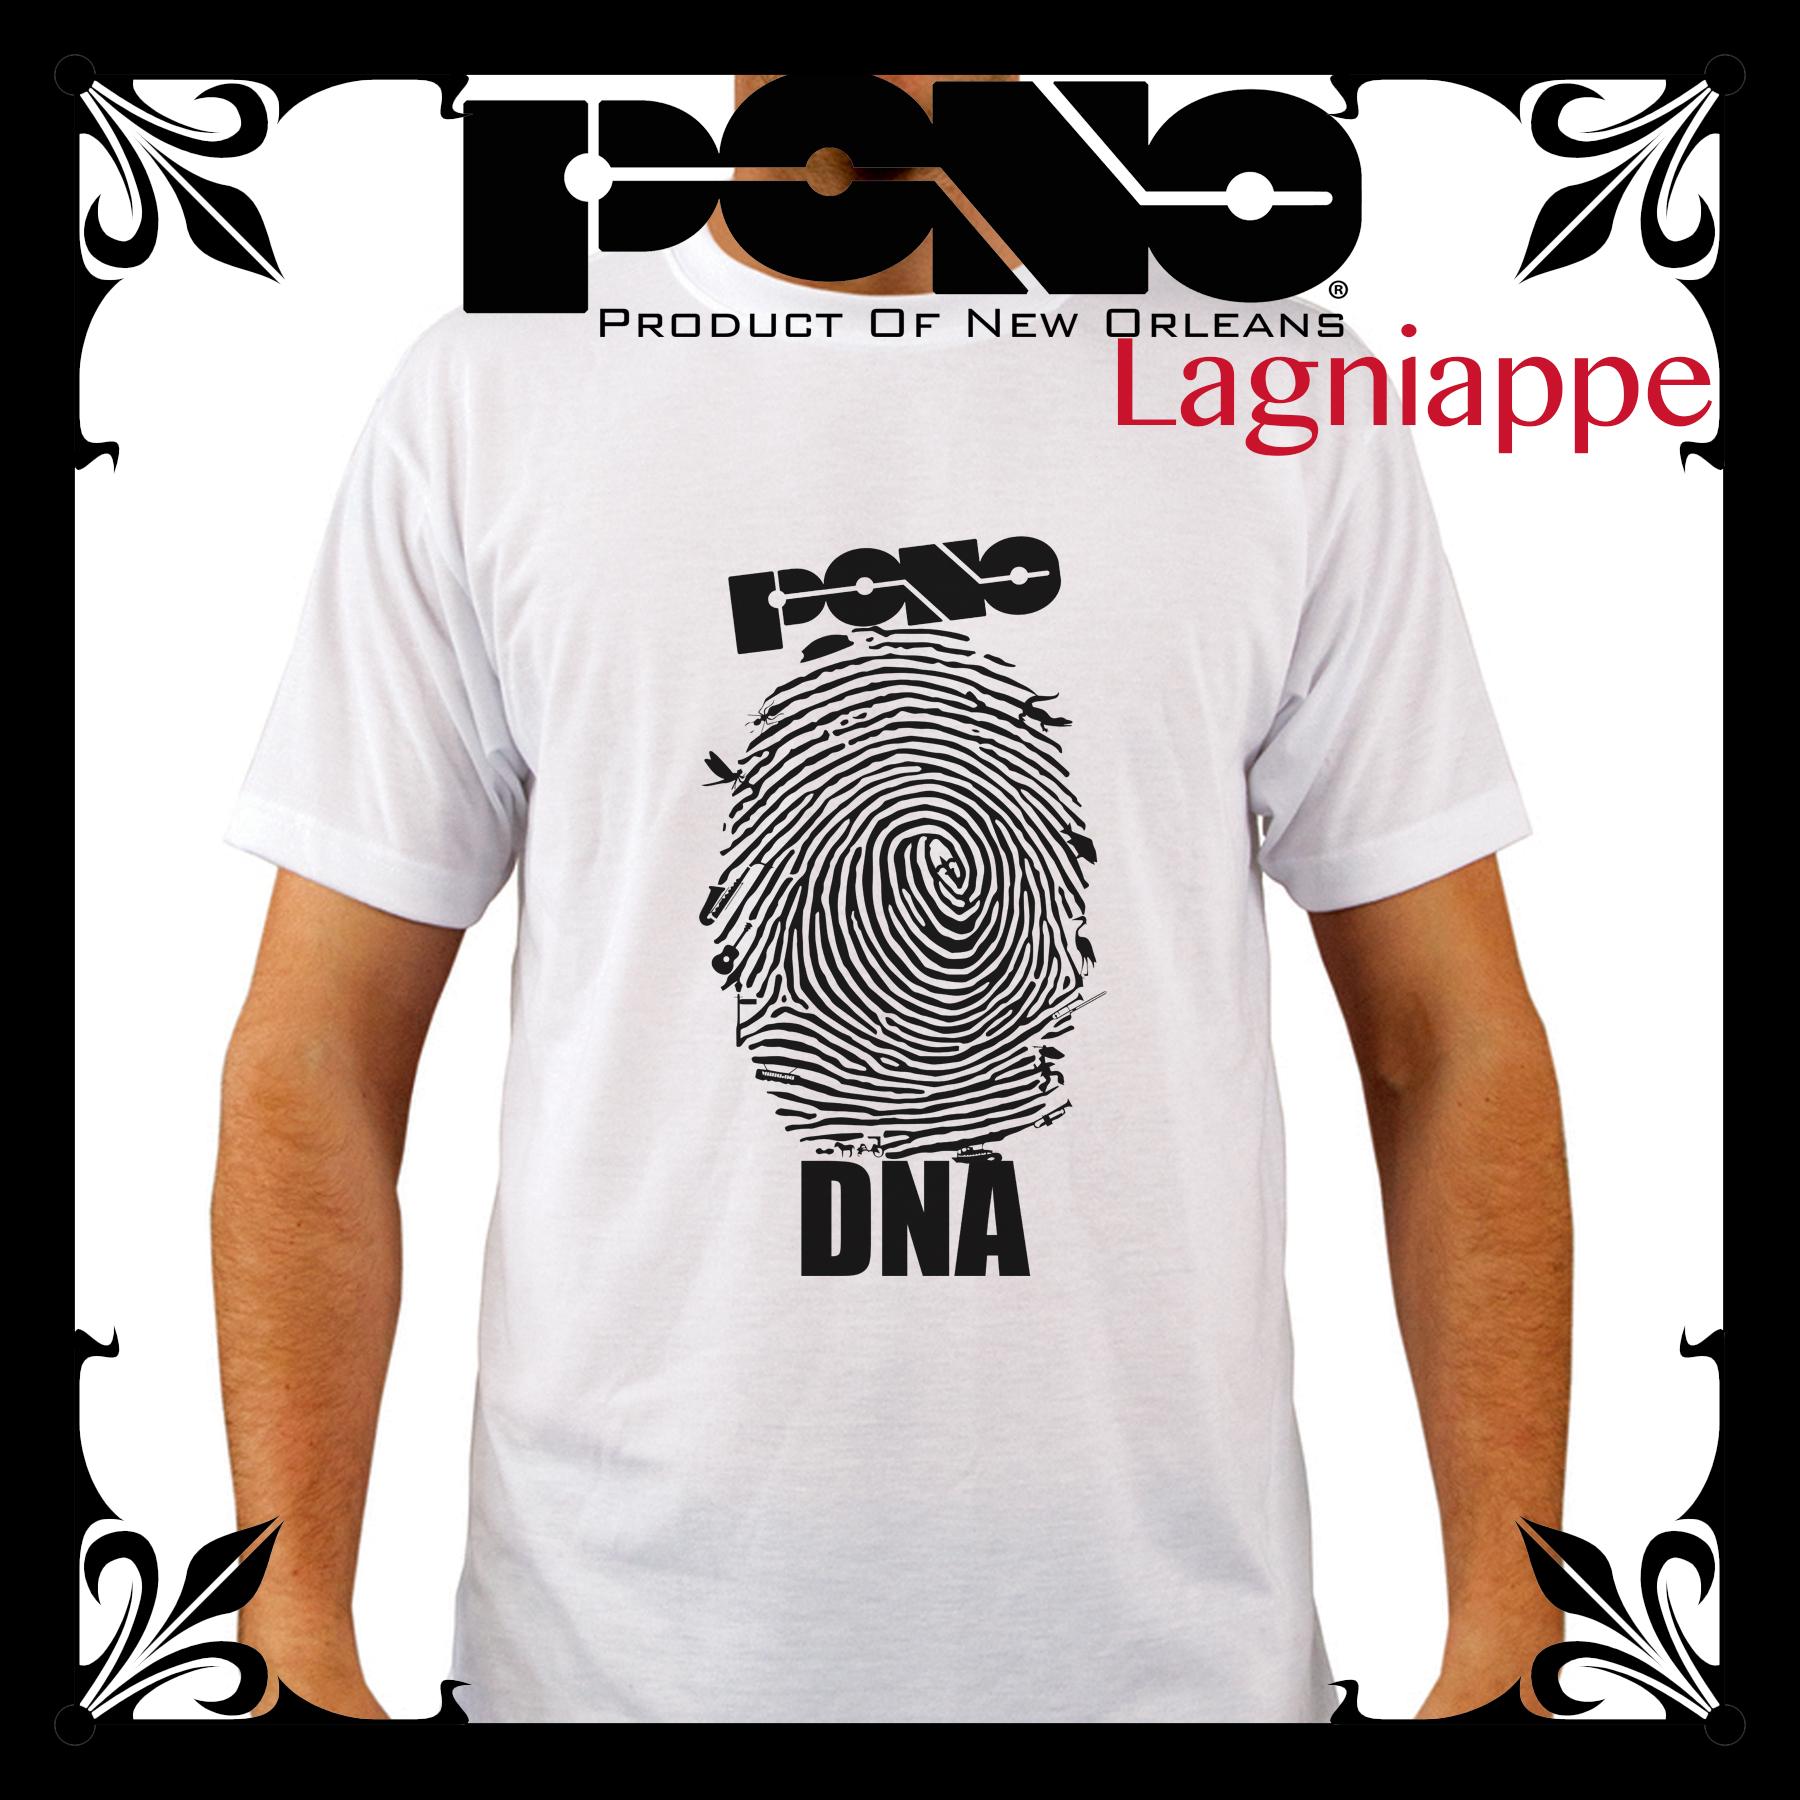 PONO LAG-PONO DNA.jpg